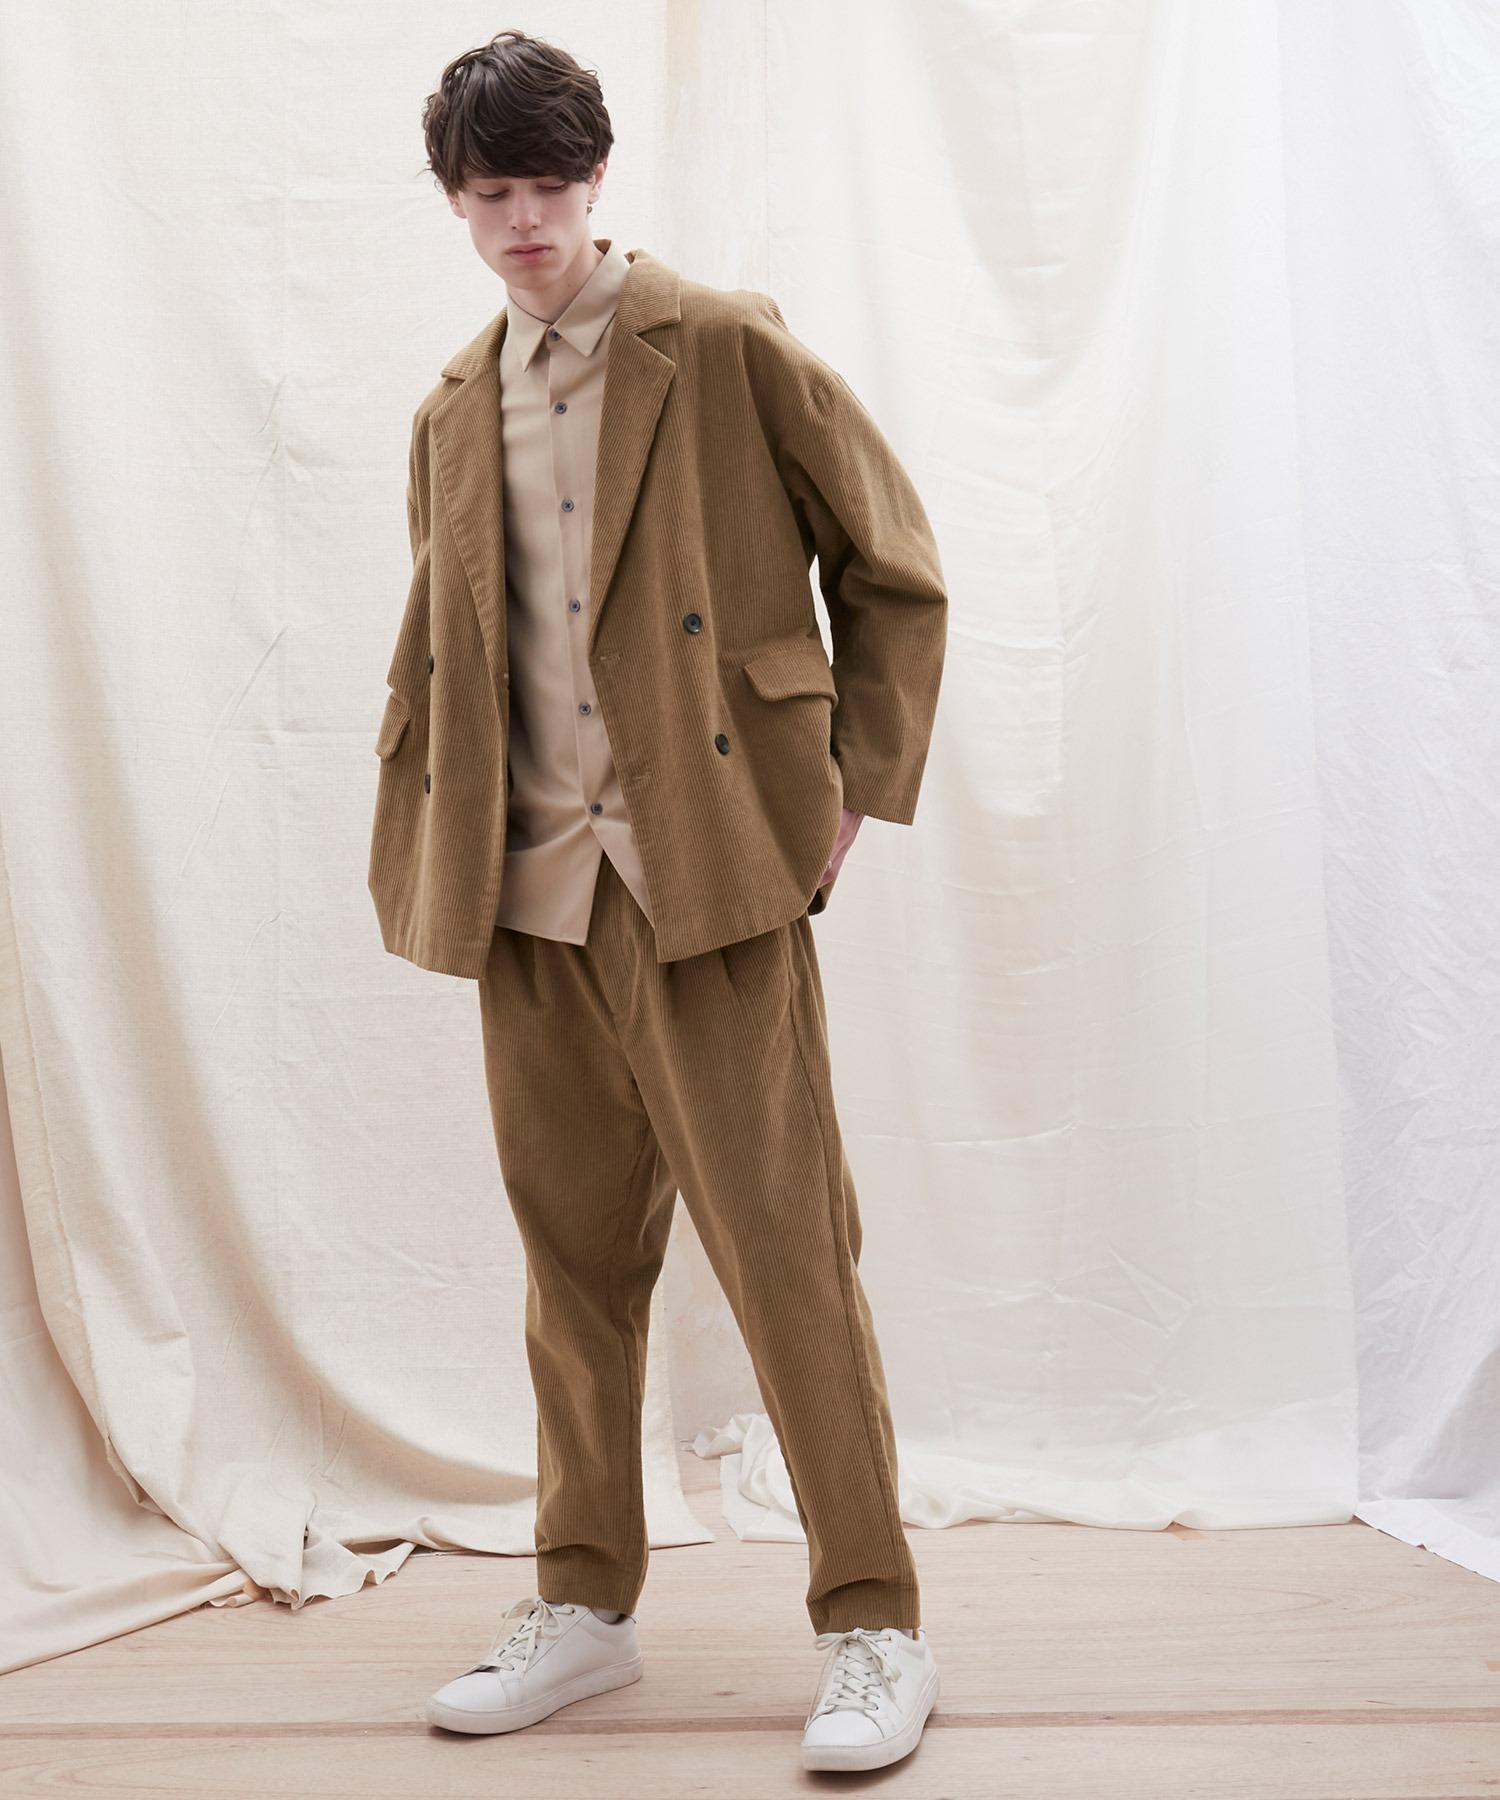 【セットアップ】オーバーサイズ ワイド セットアップ/ダブルテーラードジャケット&タックワイド テーパードパンツ EMMA CLOTHES 2021 S/S